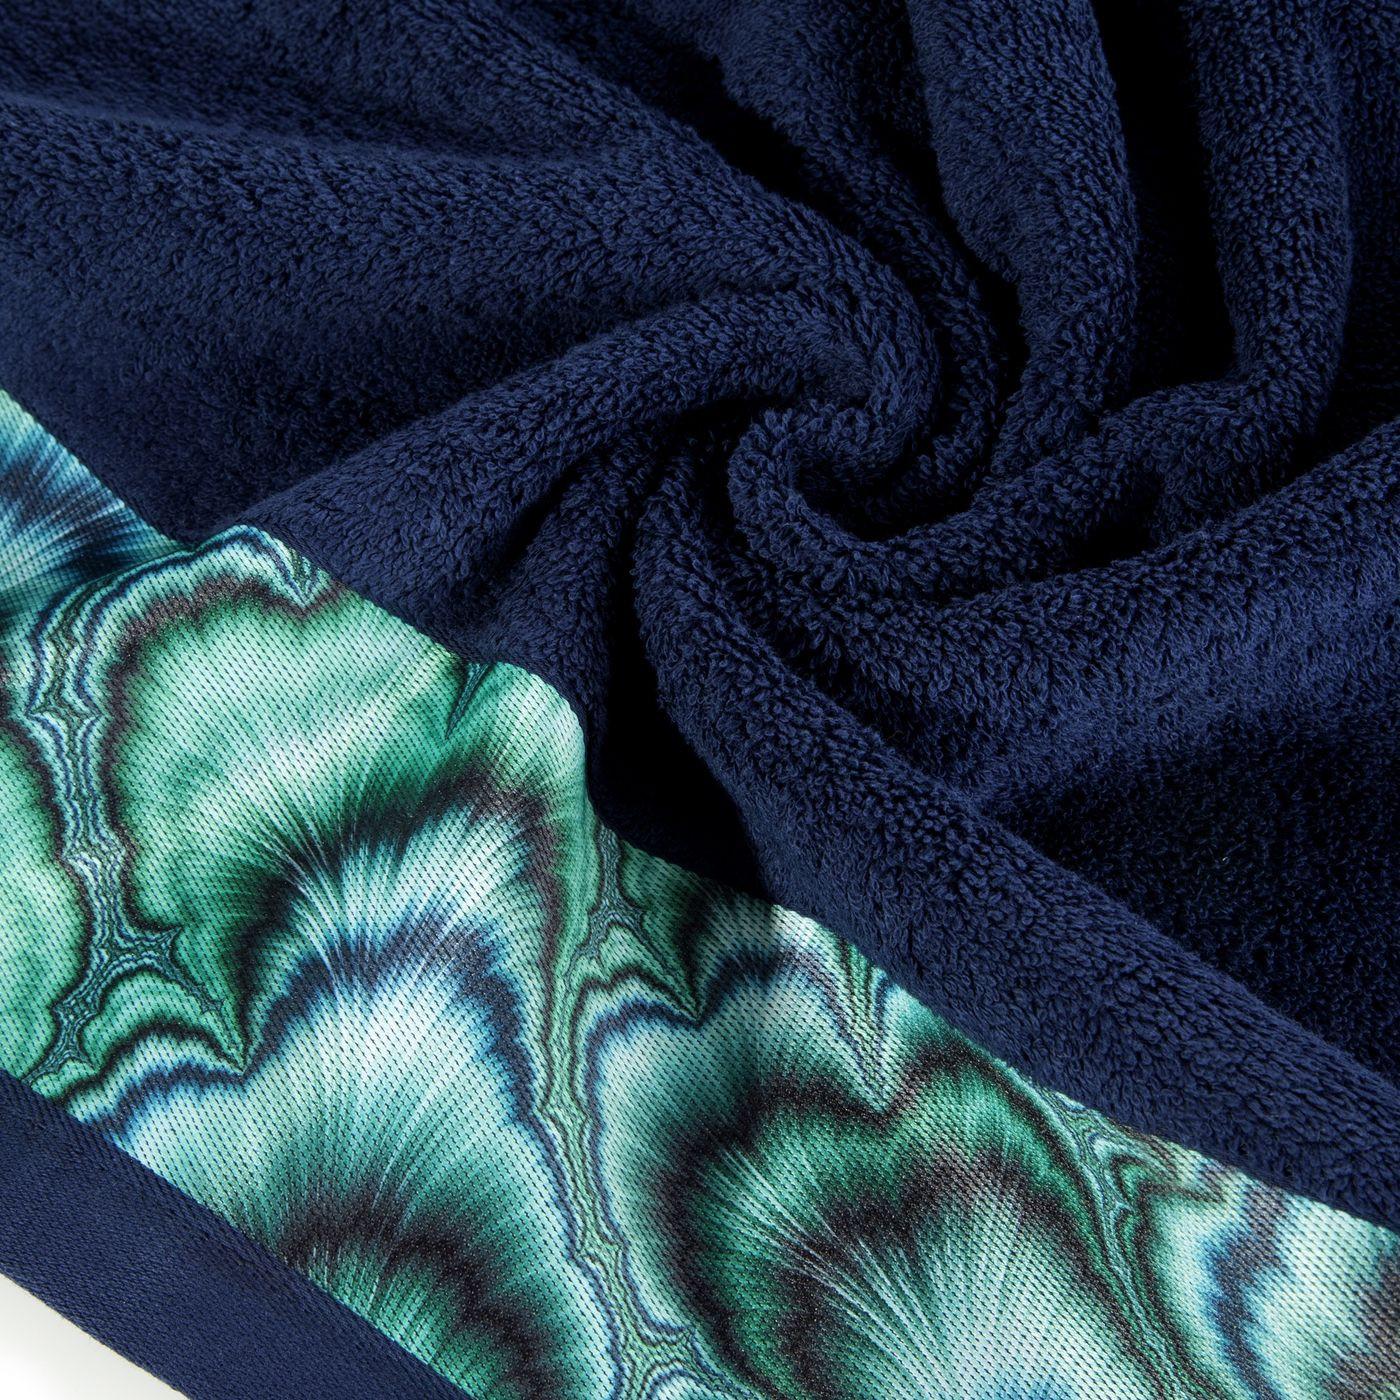 Granatowy ręcznik kąpielowy - mój wybór Eva Minge 70x140 cm